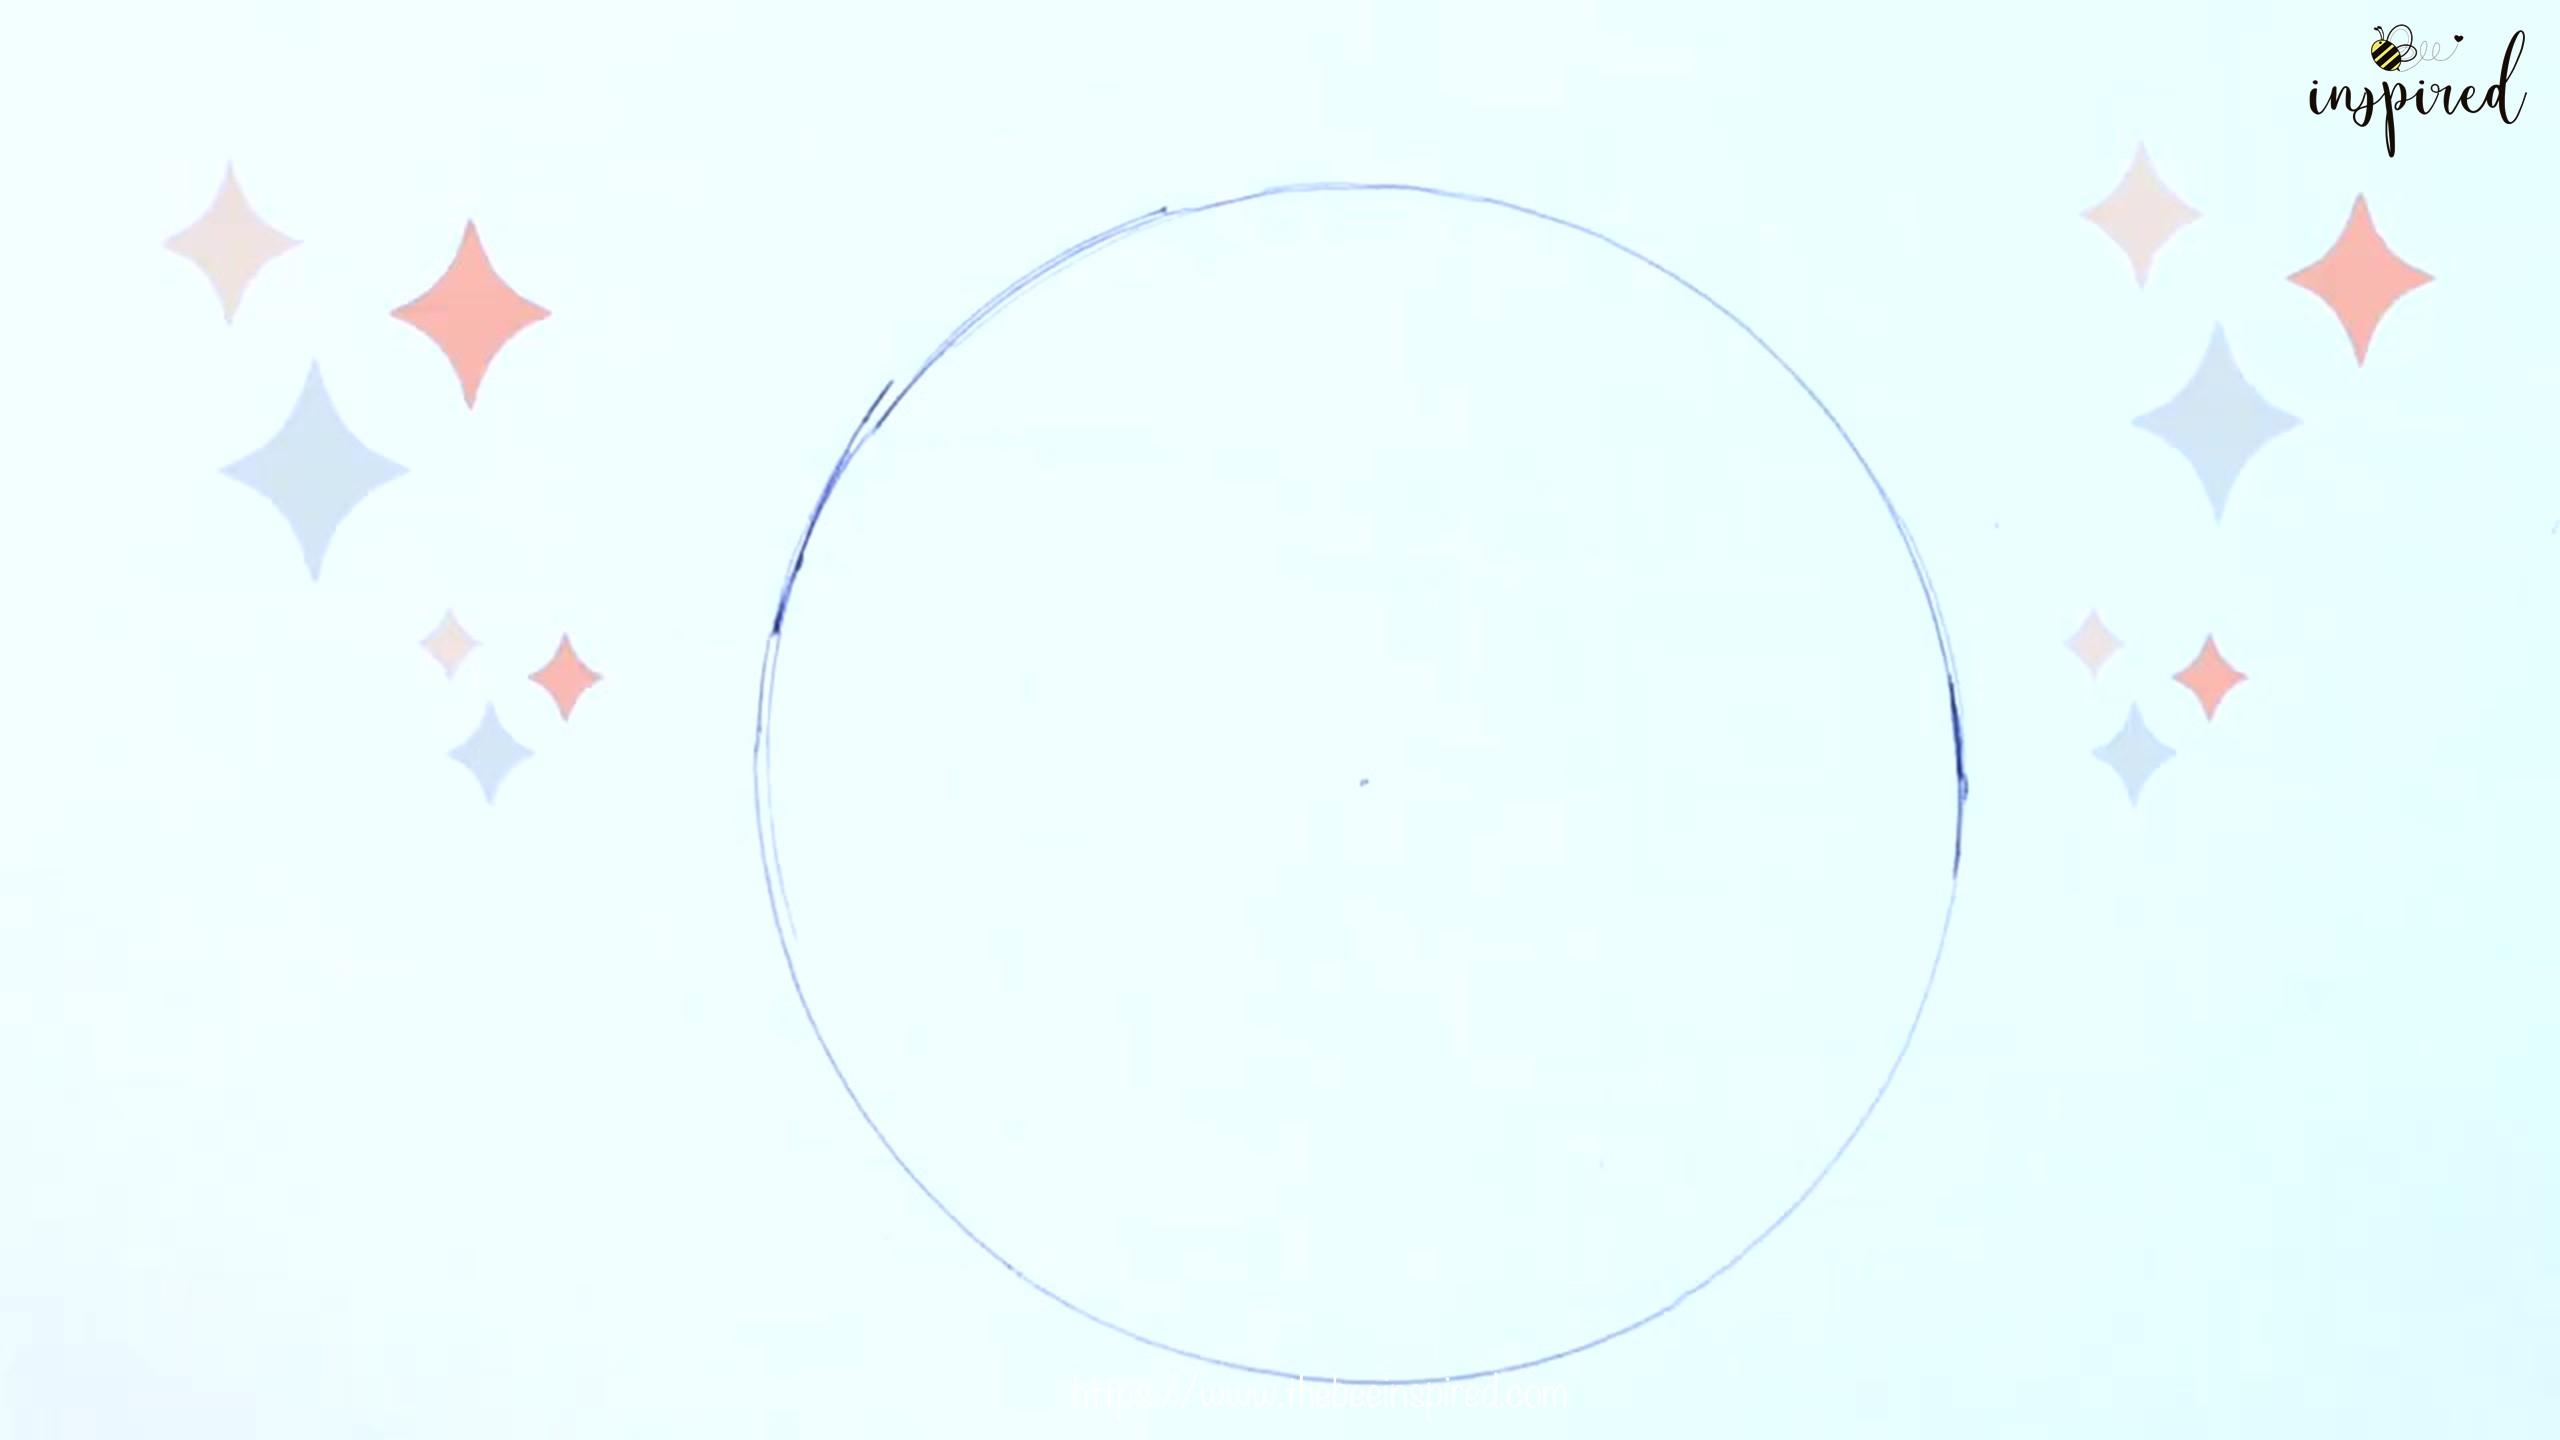 วาดวงกลมไม่ใช้วงเวียนให้กลม+ได้ขนาดที่ต้องการ How to Draw a Perfect Circle Freehand without Compass_7